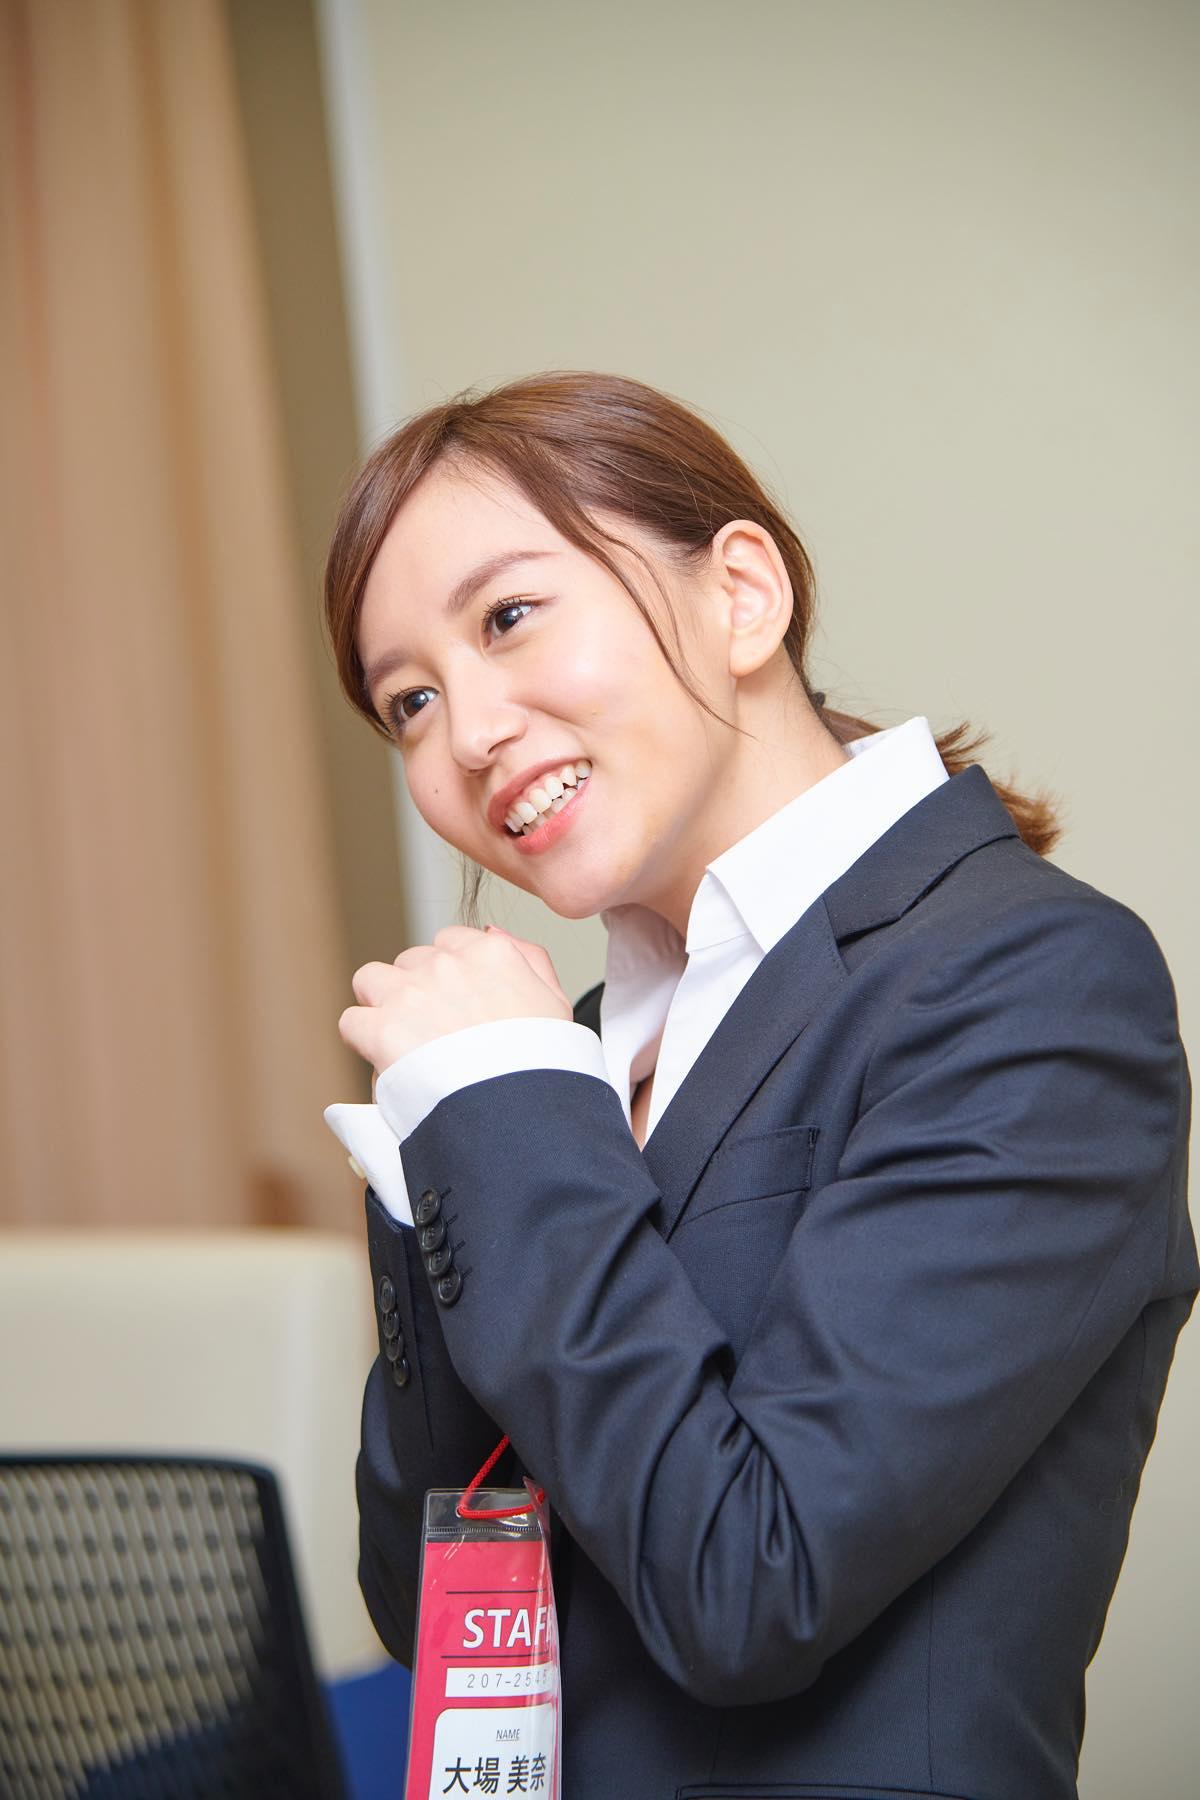 """実はコント大好き・SKE48大場美奈「ダンスの手数が多くて""""何を覚えさせてんだよ~""""って思いました」【写真23枚】独占告白1/4の画像022"""